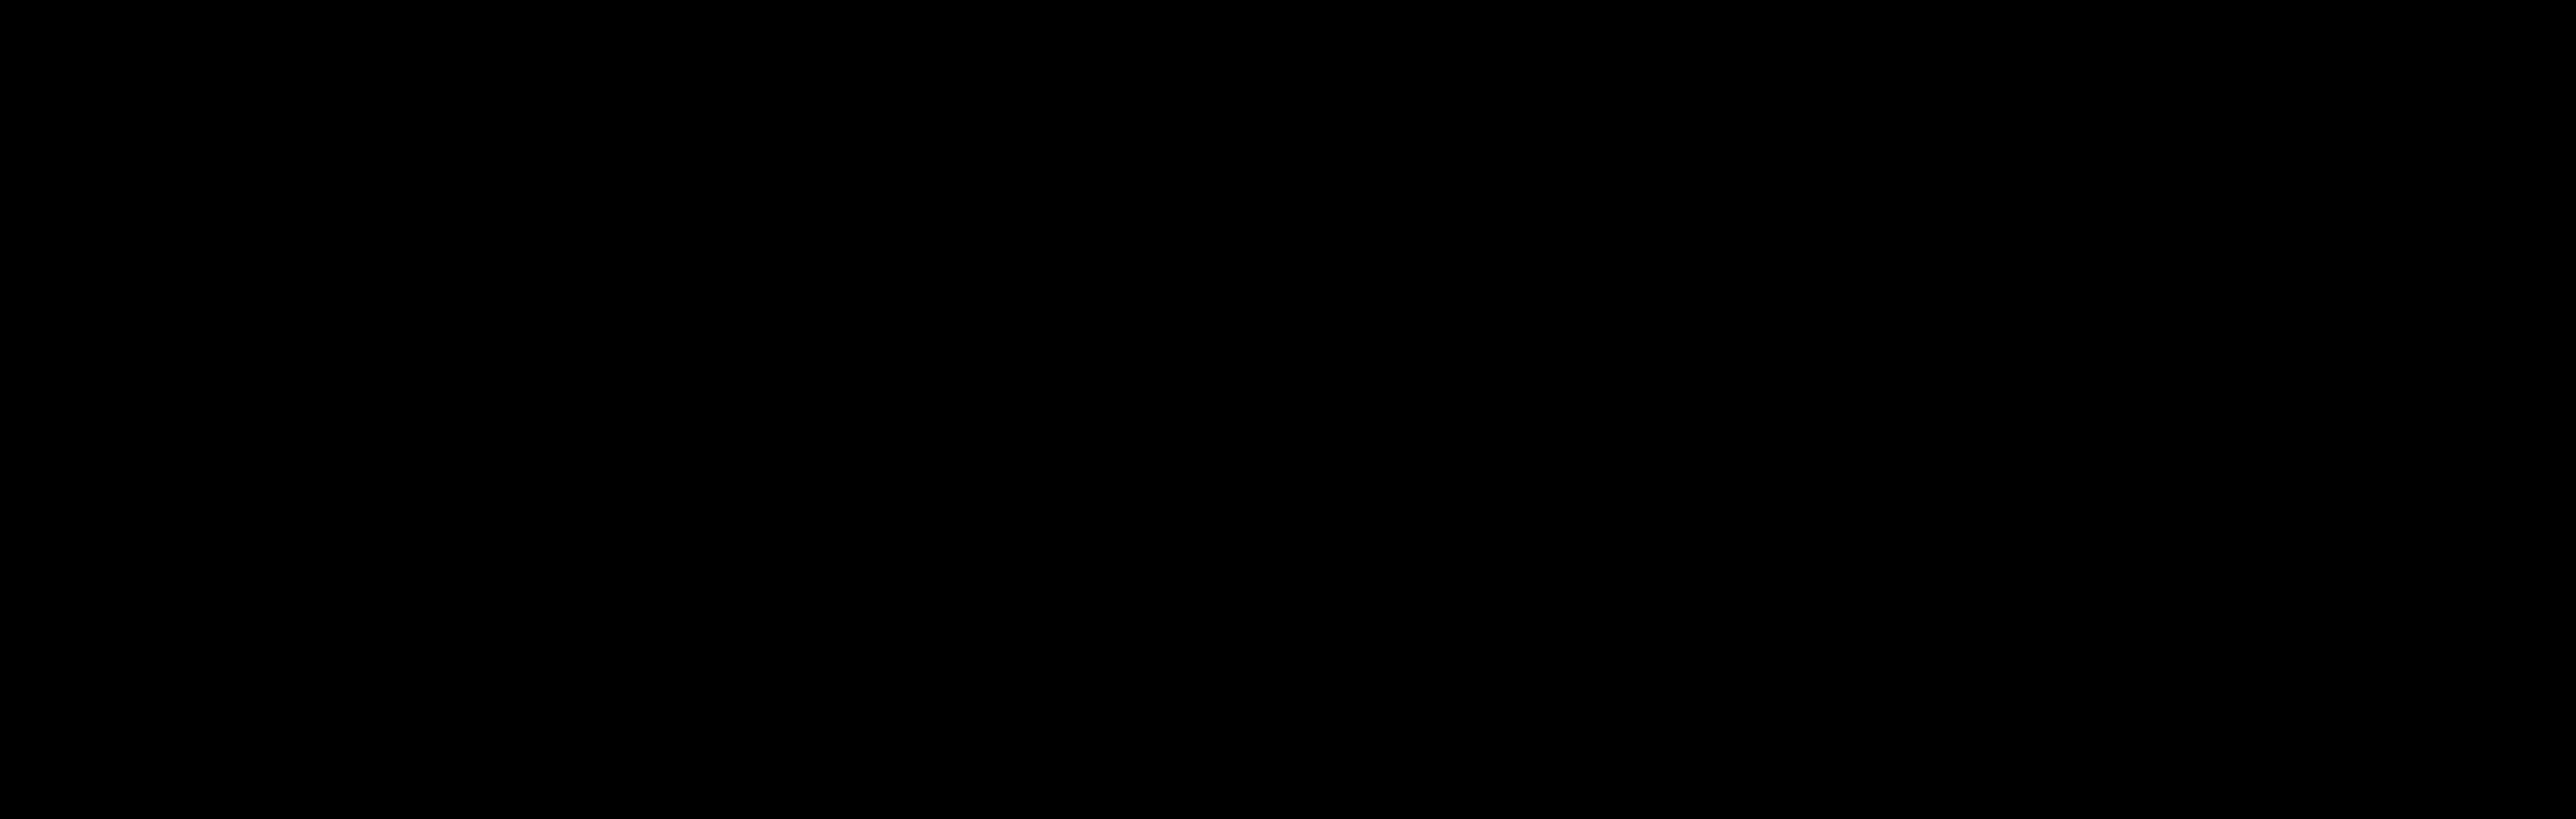 HealthEZ logo